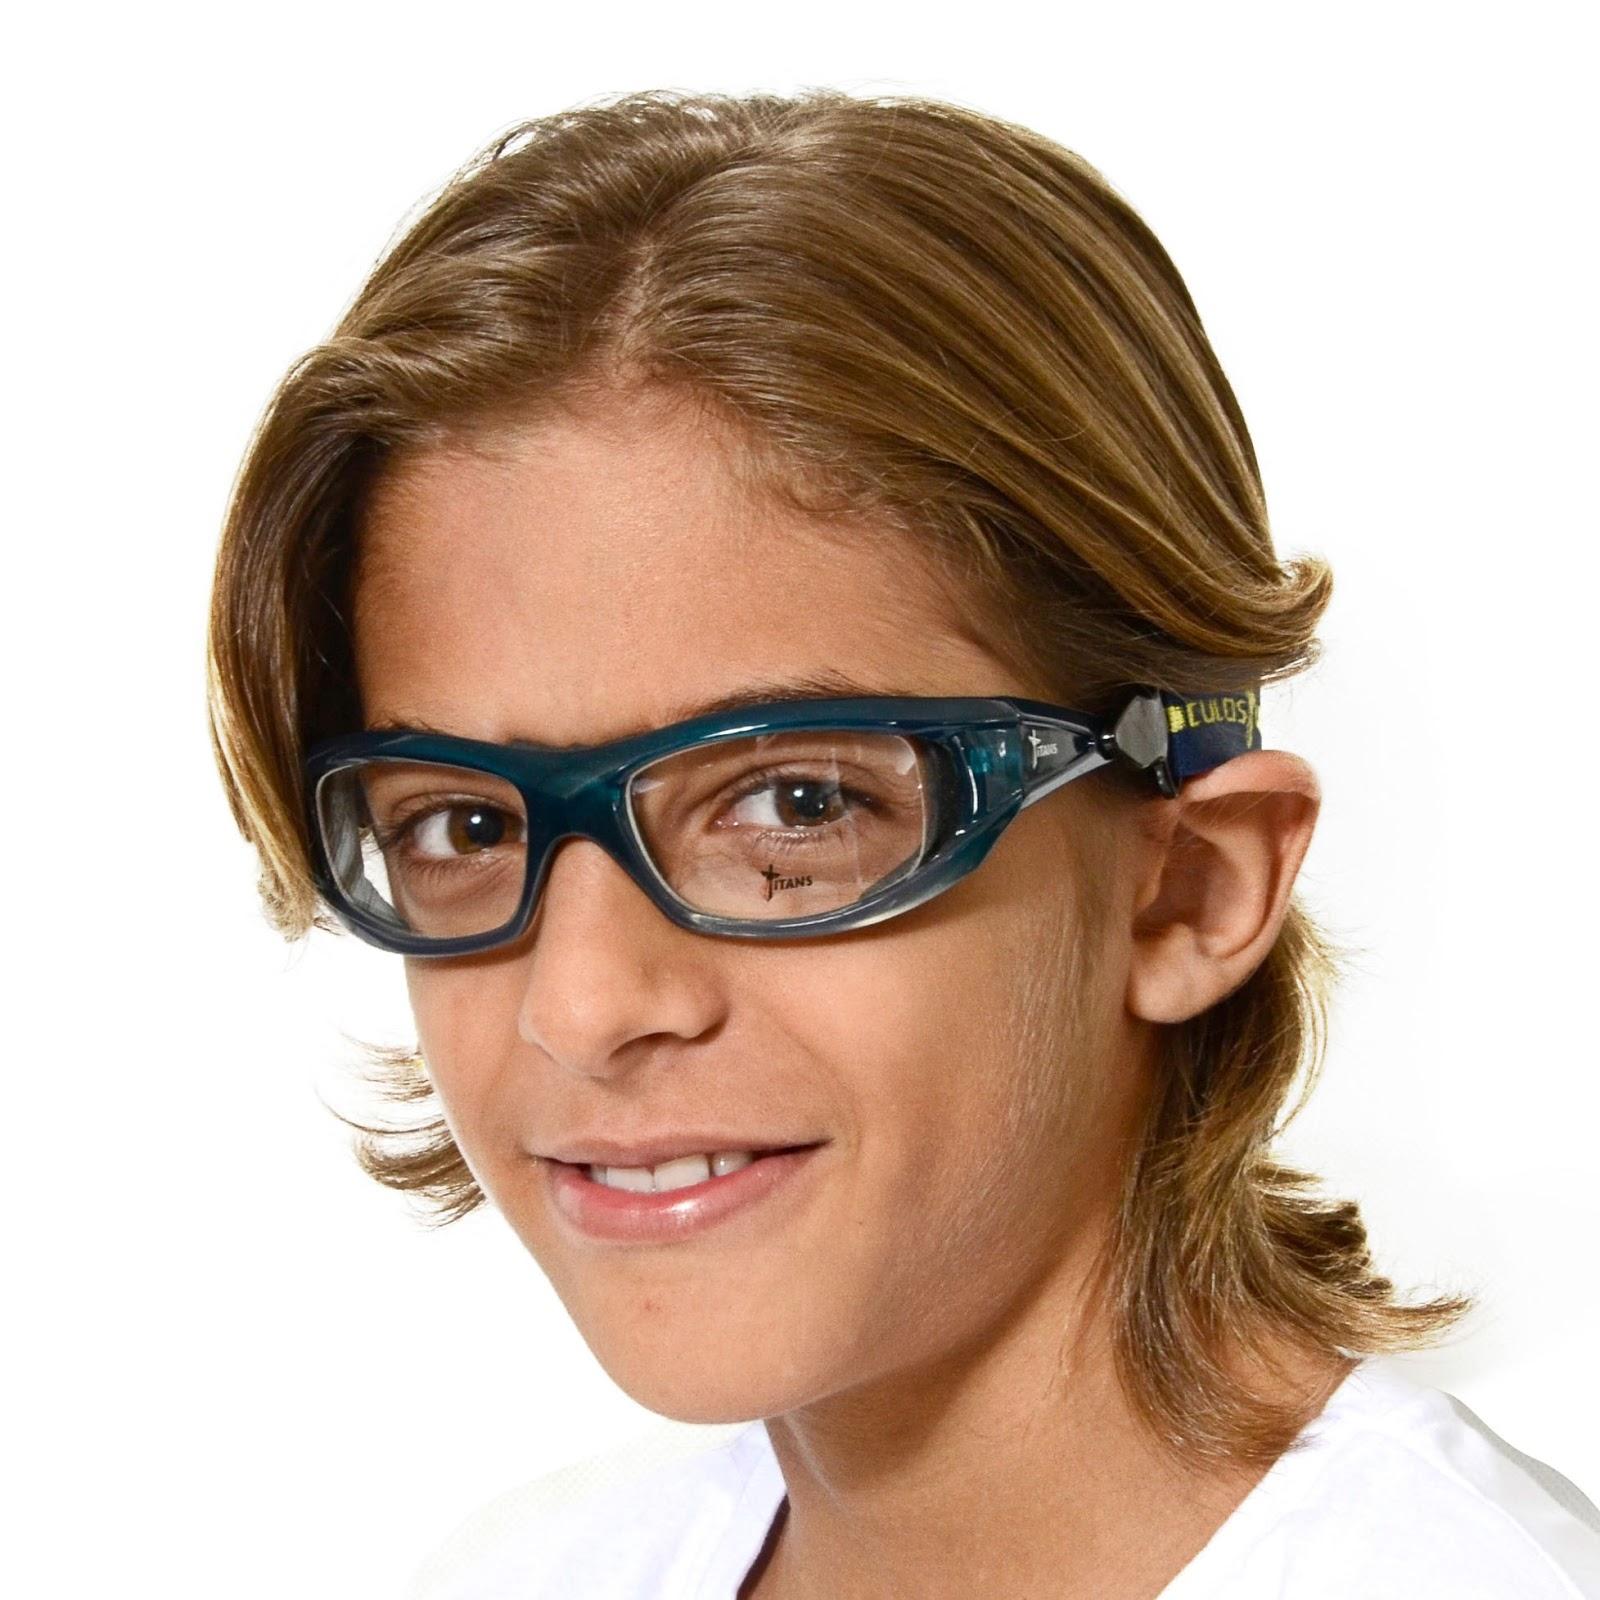 f8e87b697ba40 Óculos para Esportes Titans Atlas, podendo ser usados tanto para prática de  esportes como para uso diário, pois possuem exclusivas tiras elásticas ...